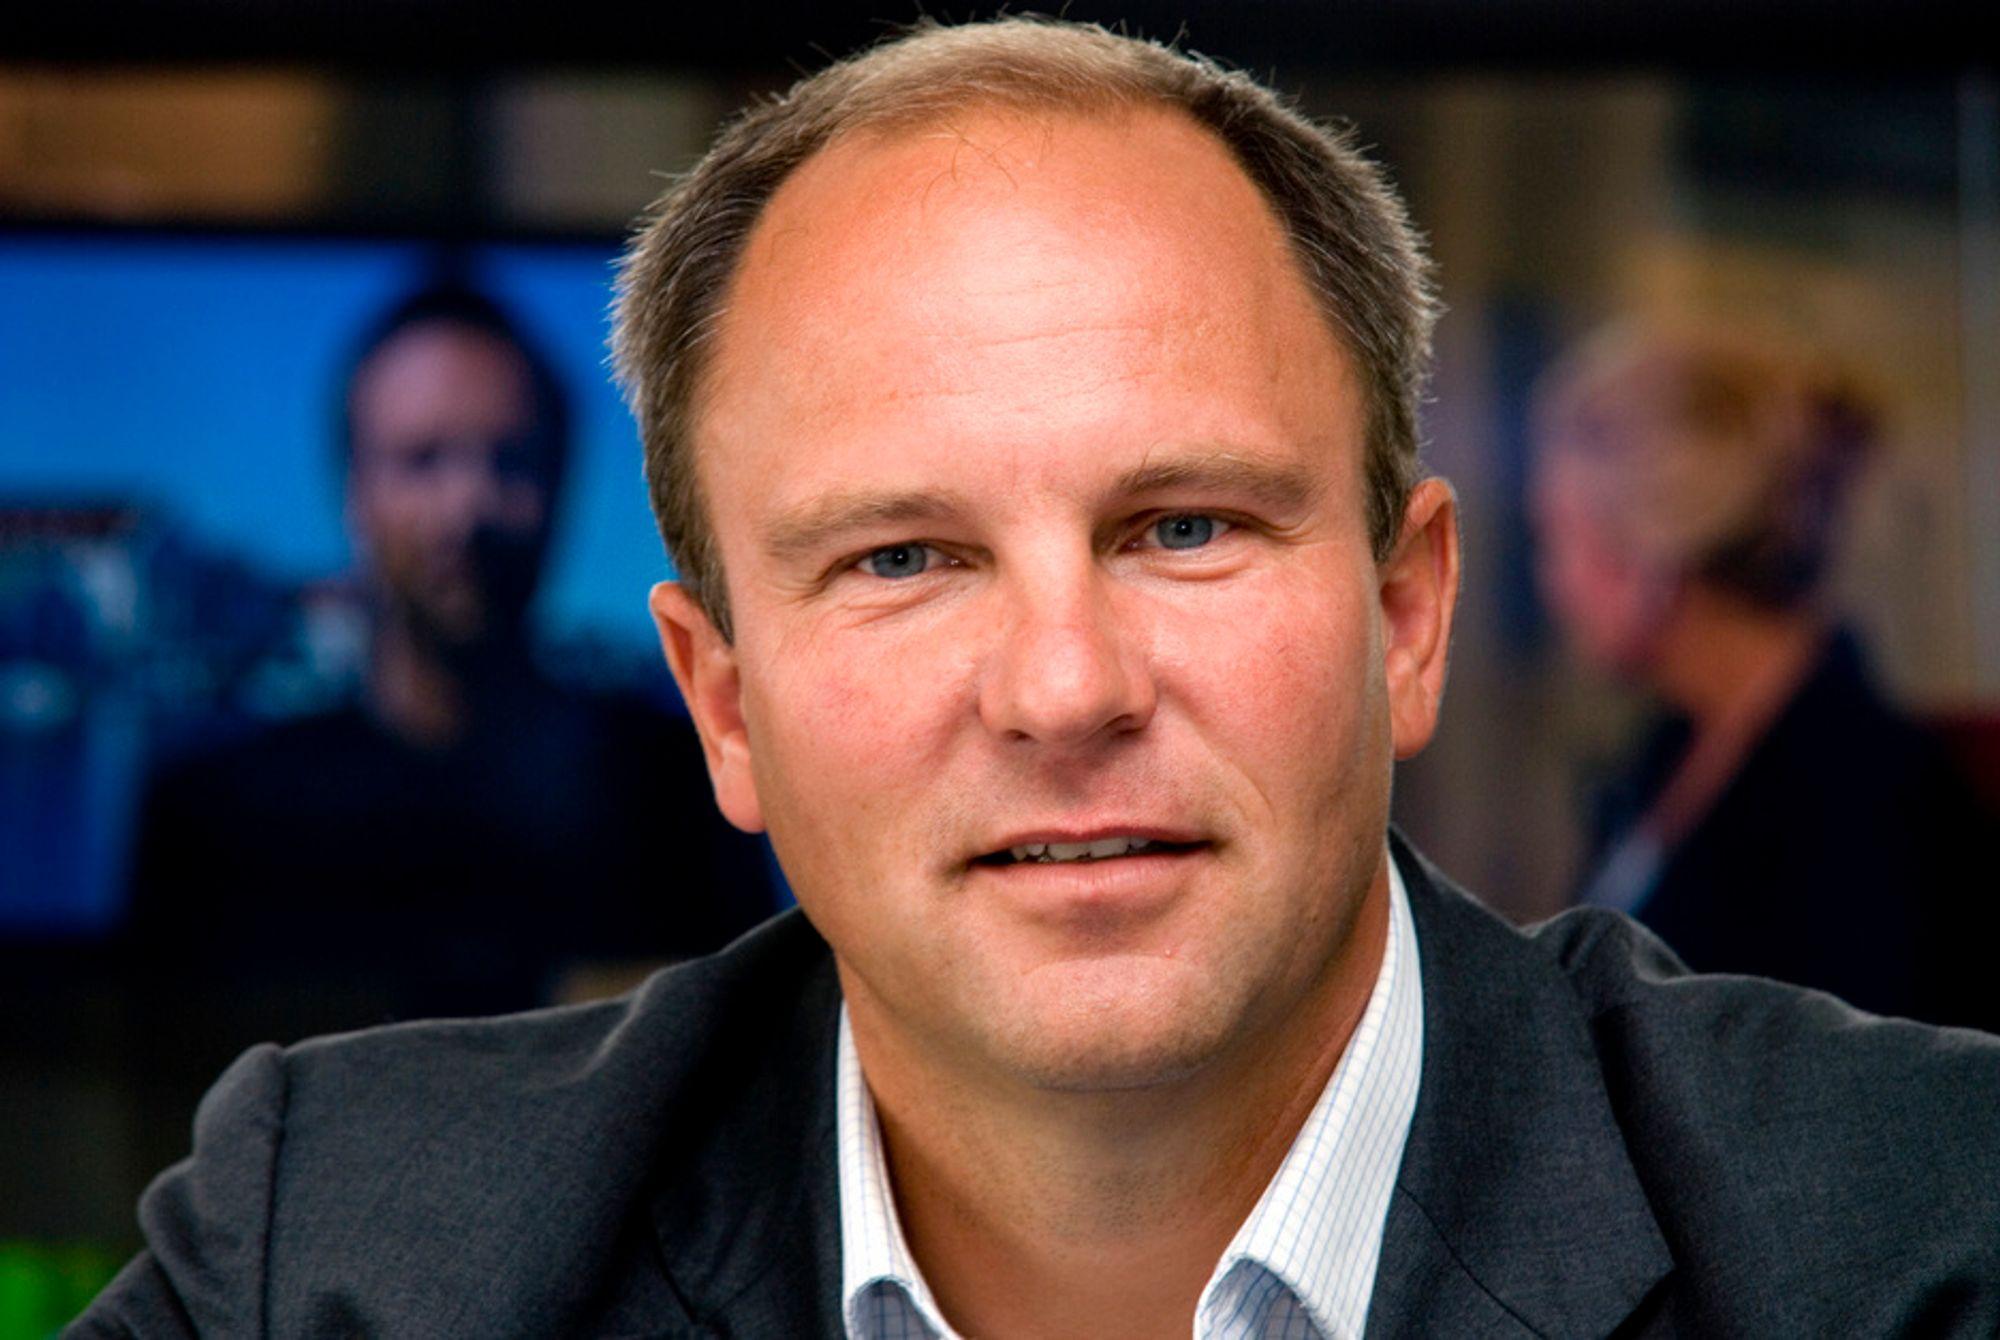 PLASS NOK: RiksTV-sjef Espen Thorsby sier selskapet har plass nok i sitt frekvensspekter.